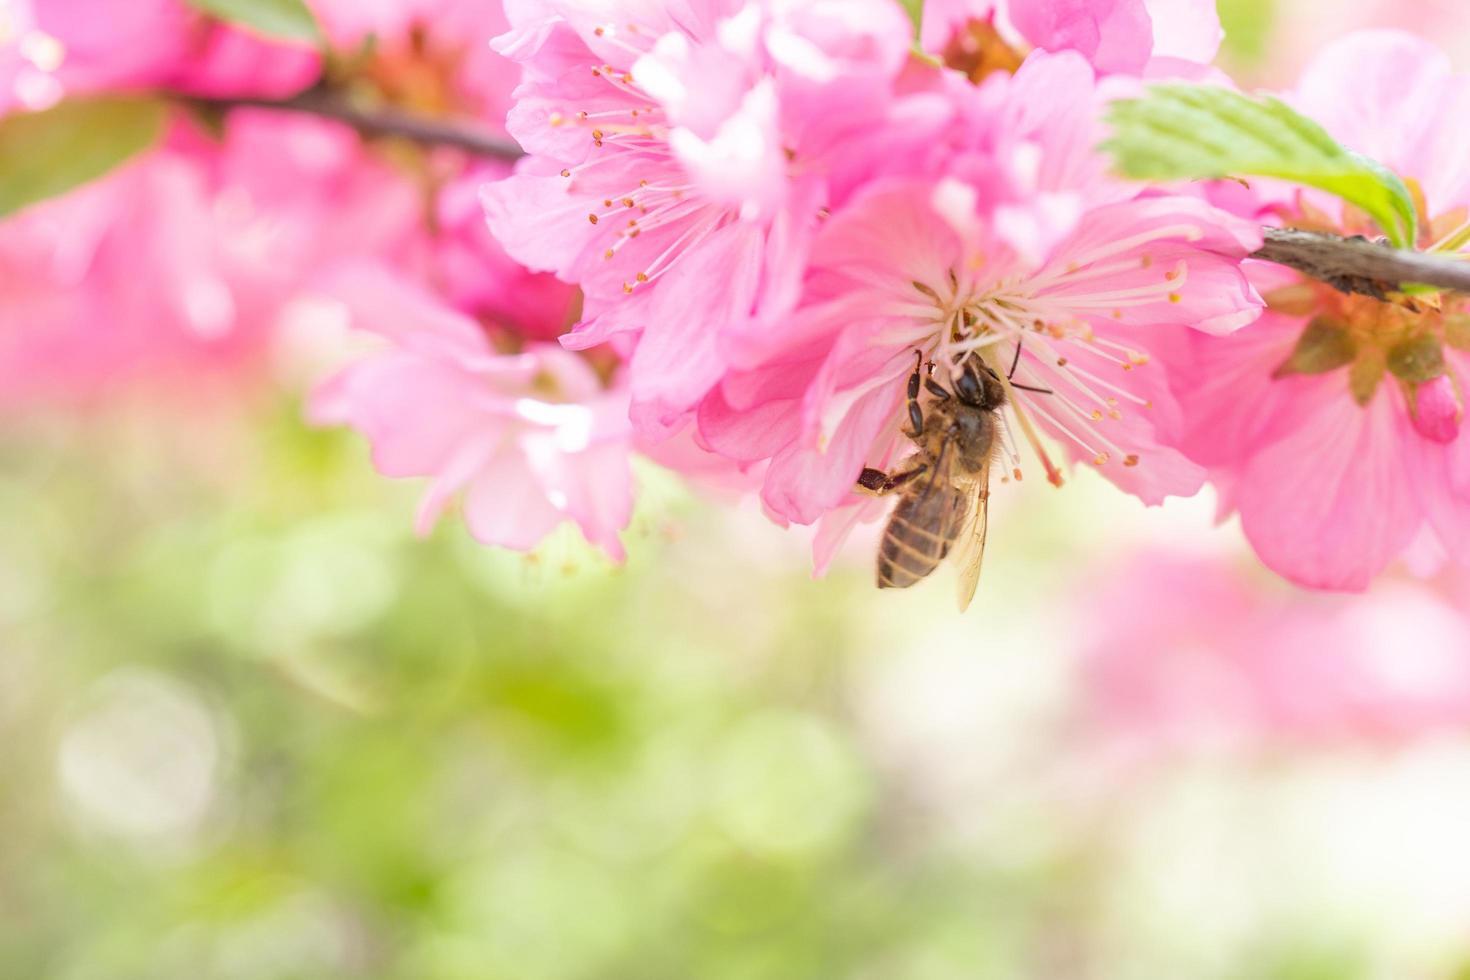 primo piano di un'ape tra i fiori di sakura con sfondo sfocato foto